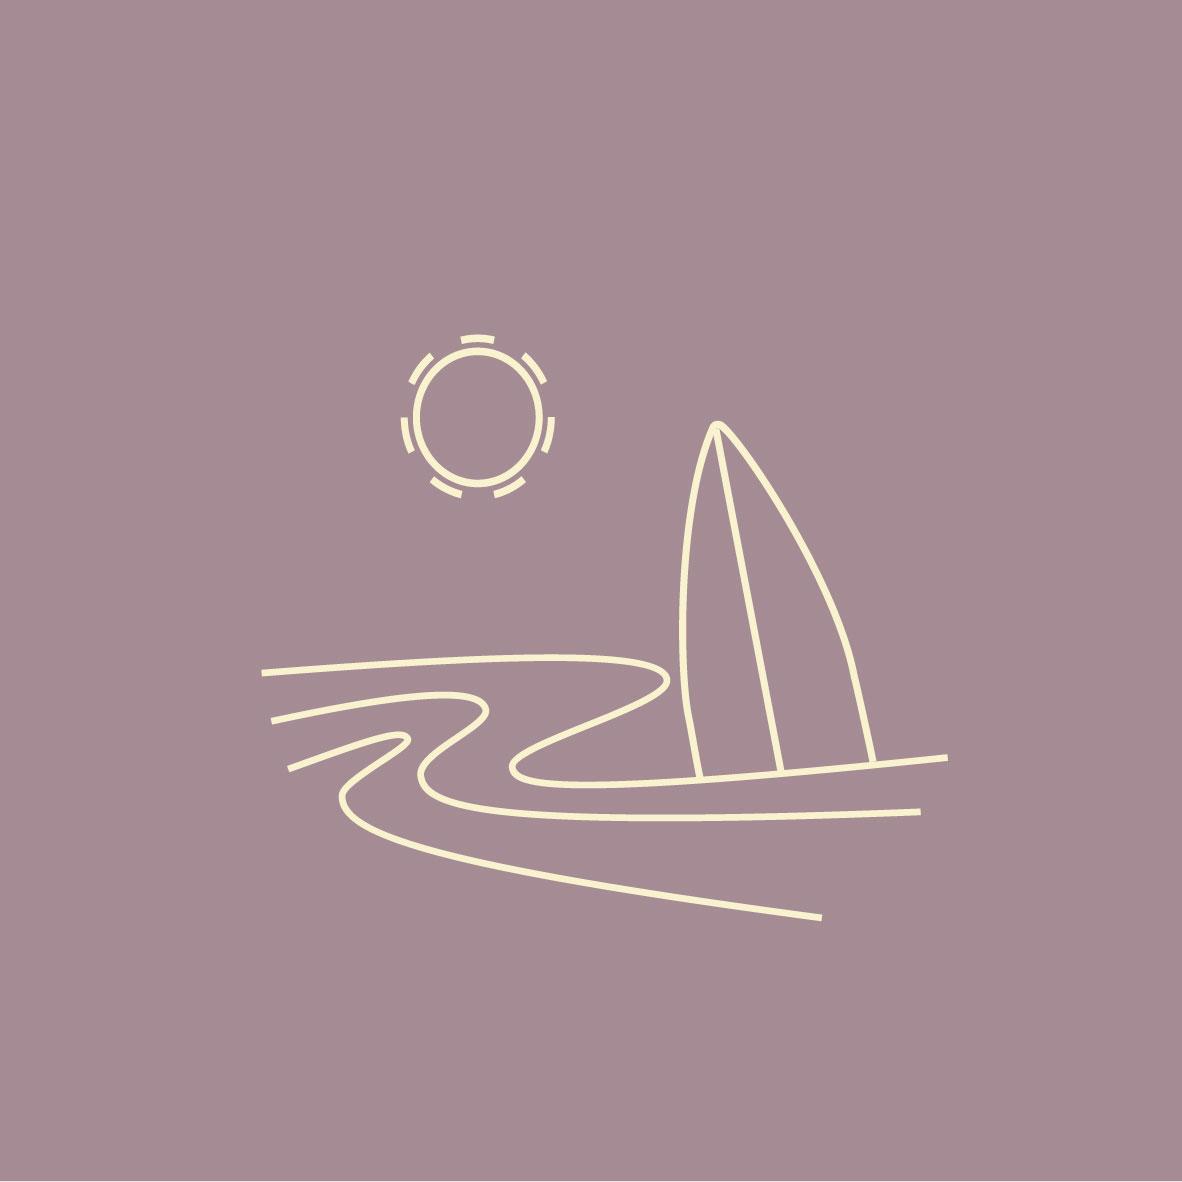 beachy motif-01.jpg